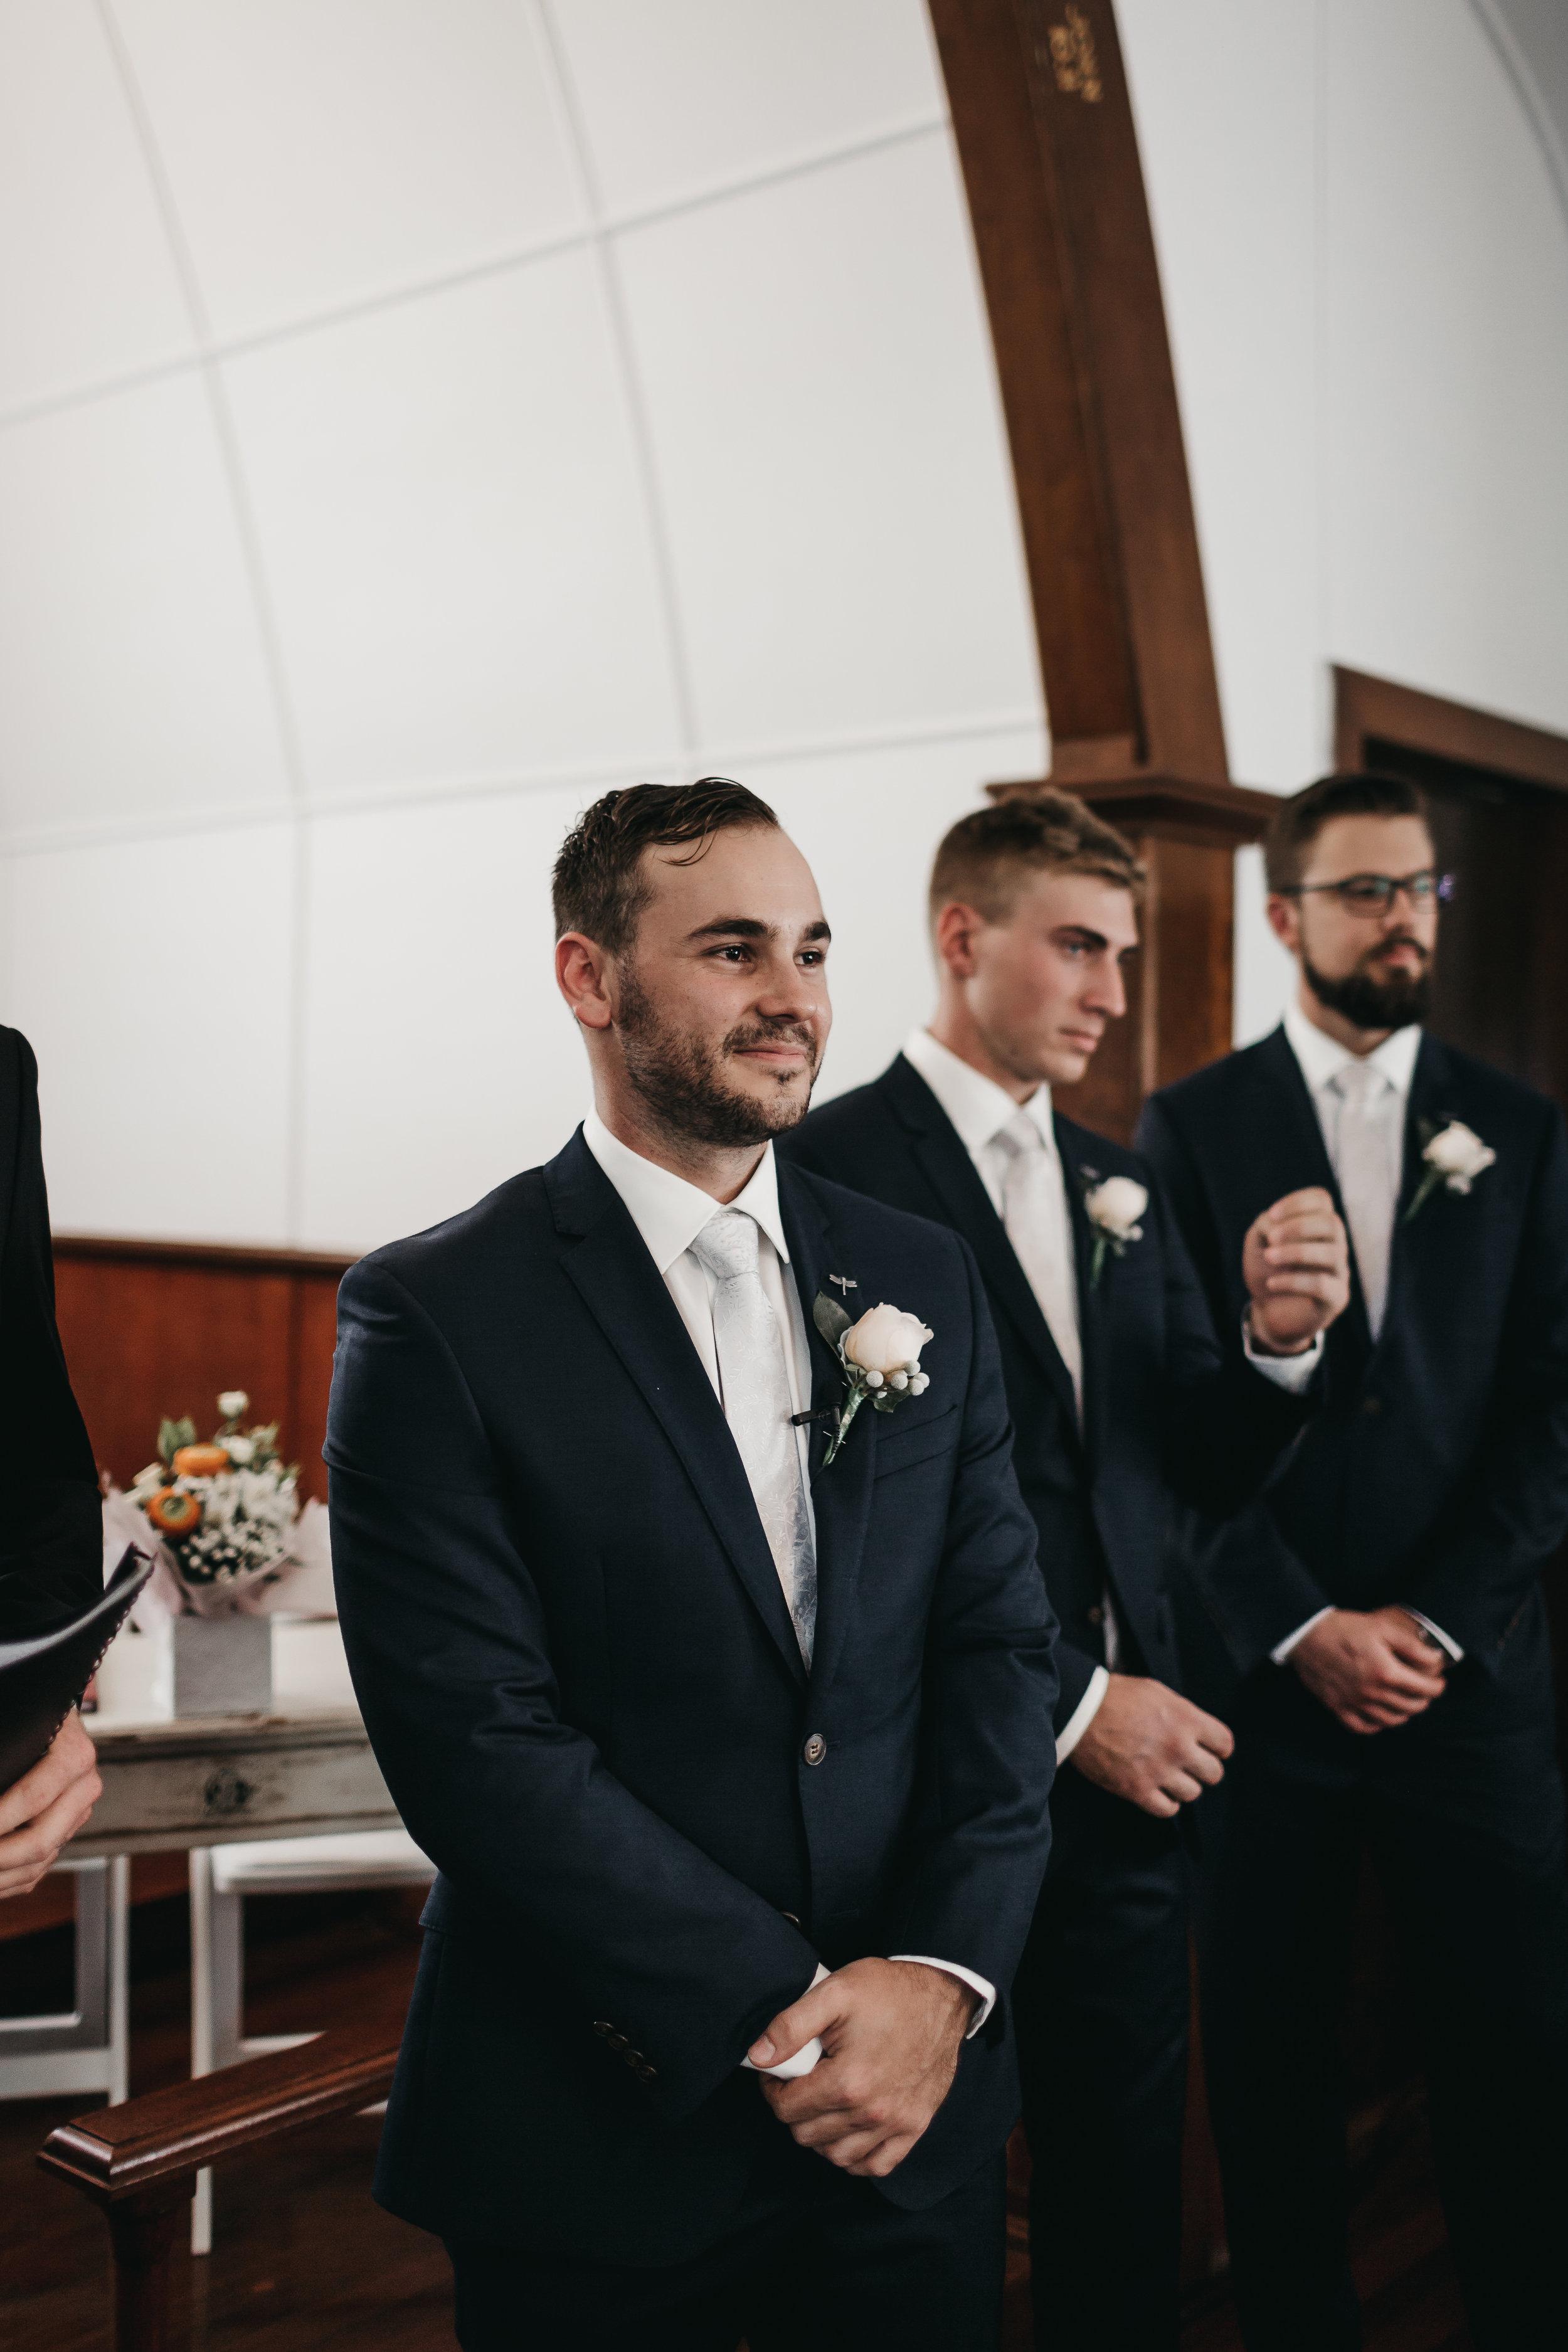 missendenwedding-211.jpg